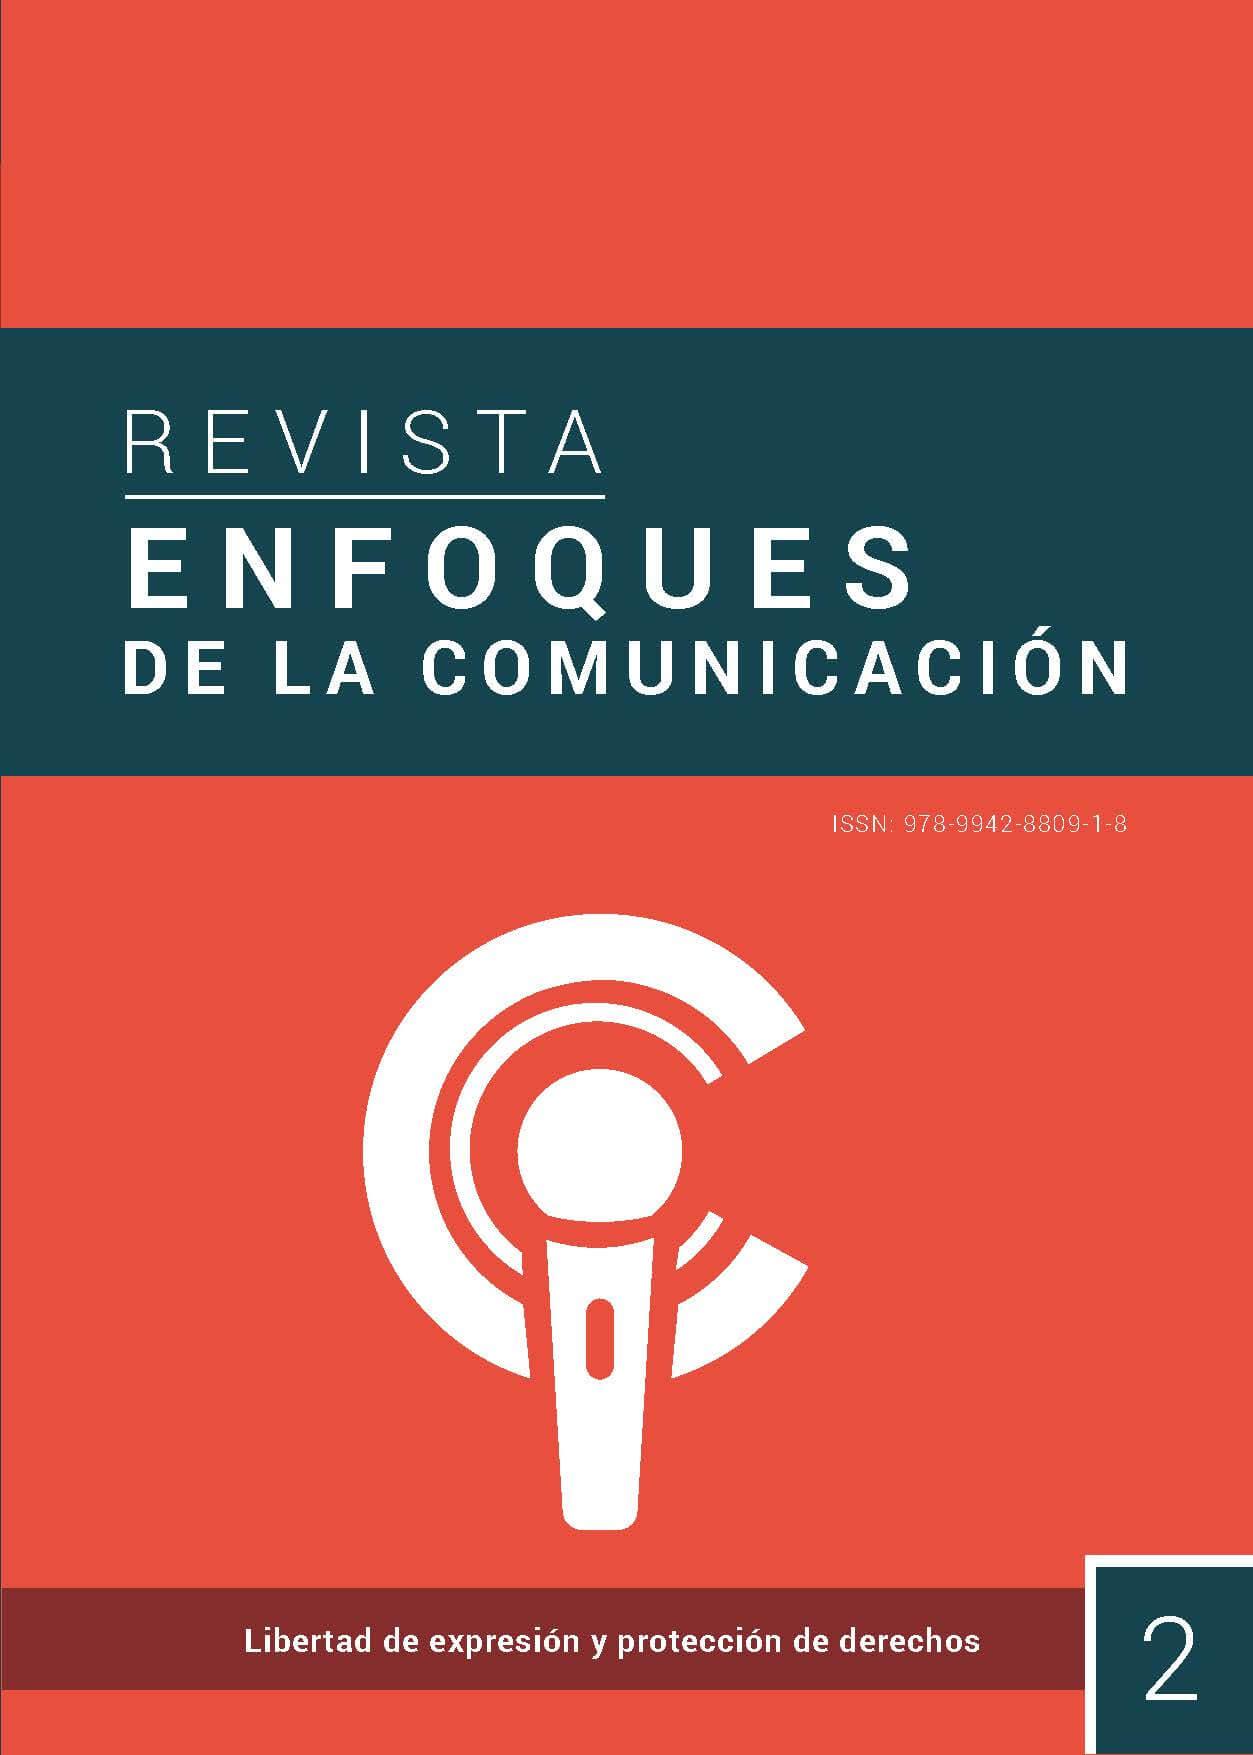 Revista-Enfoques-de-la-Comunicacion-2